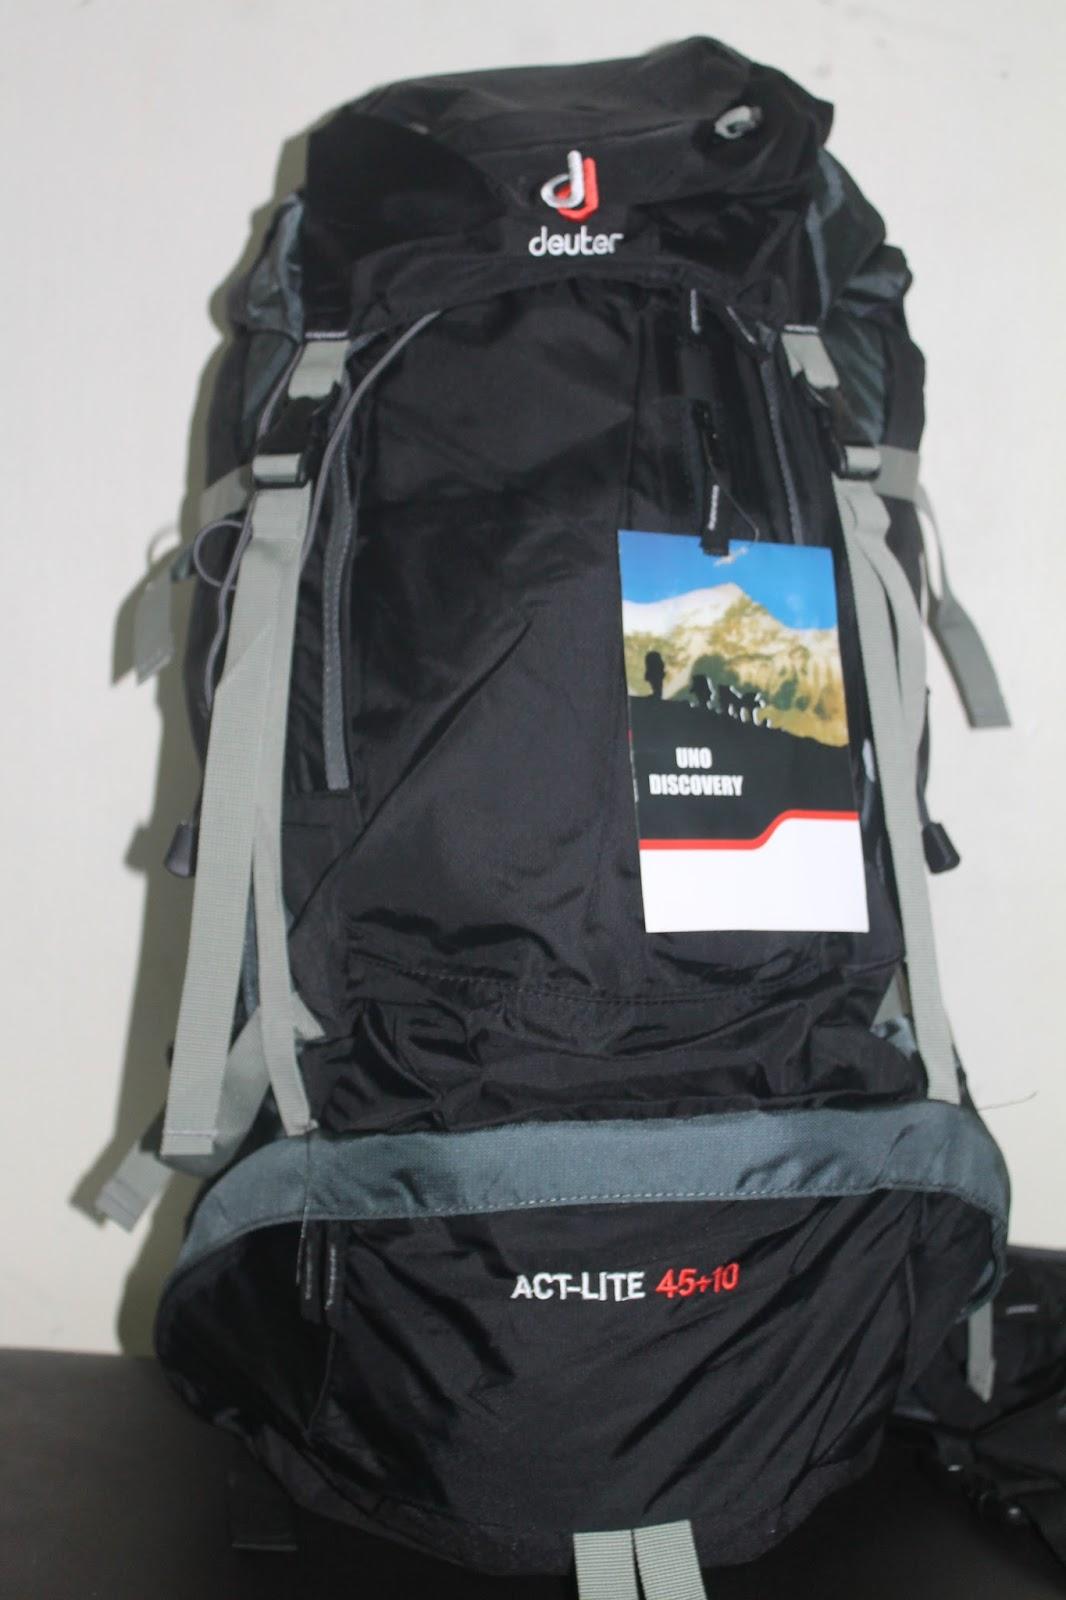 beg deuter vietnam karrimor backpacks act lite 45 plus. Black Bedroom Furniture Sets. Home Design Ideas